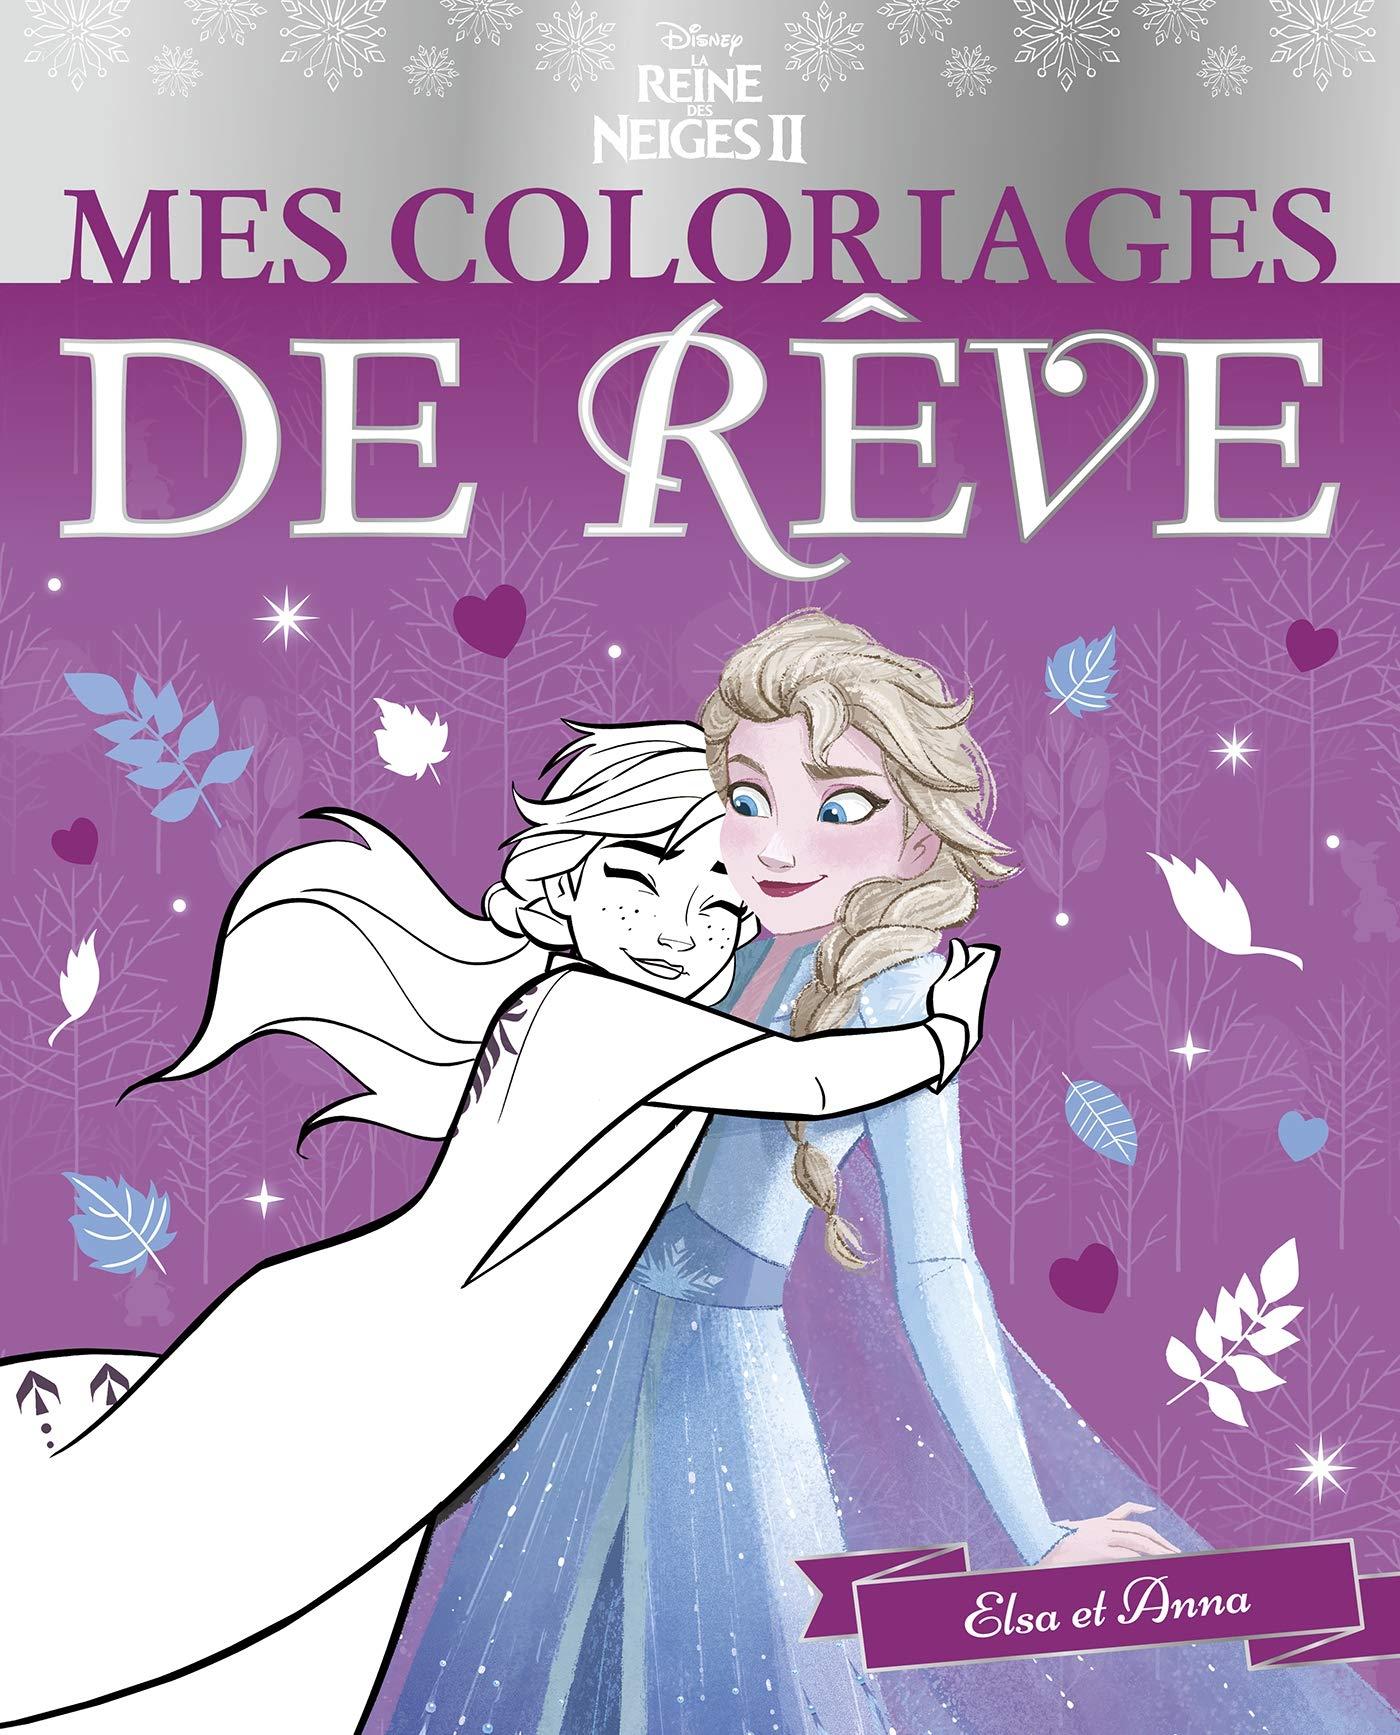 La Reine Des Neiges 2 Mes Coloriages De Reve Anna Et Elsa Disney French Edition 9782017046806 Amazon Com Books